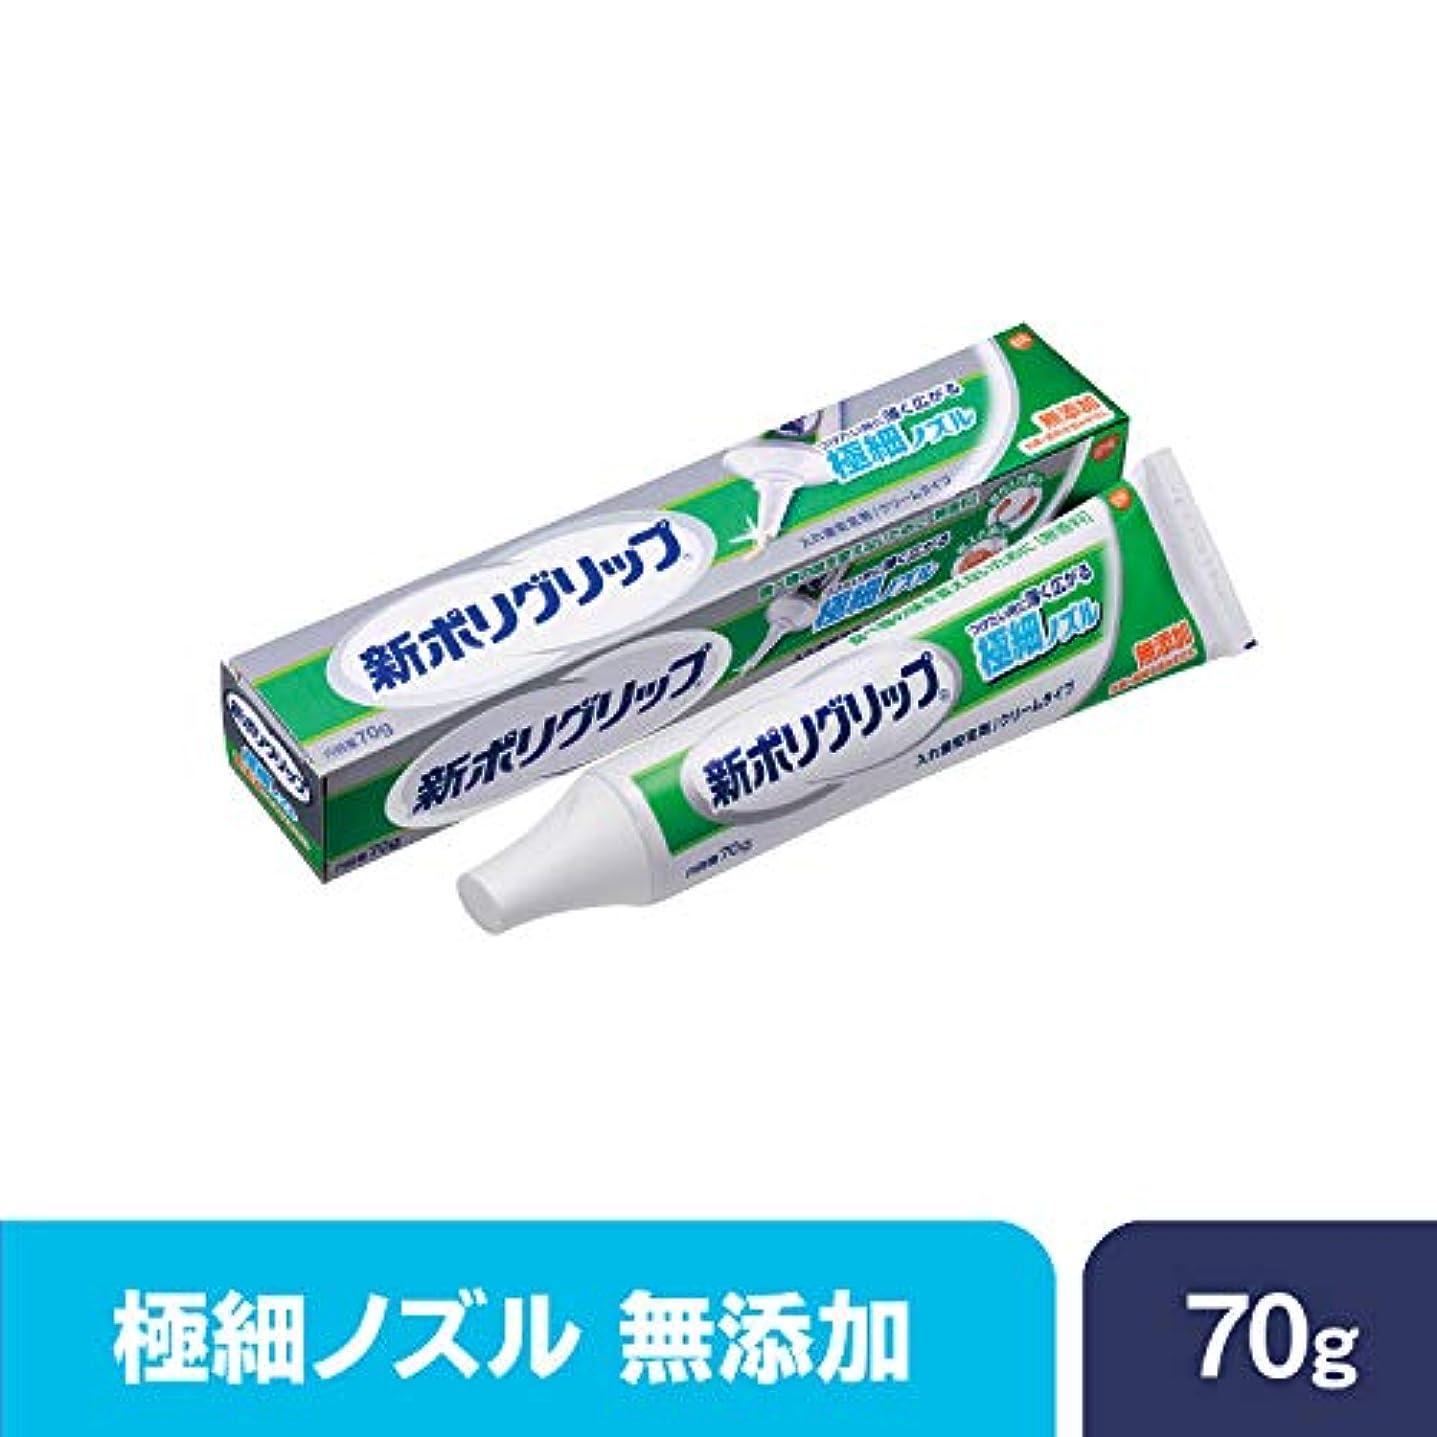 検査官シャトル乳白色部分?総入れ歯安定剤 新ポリグリップ極細ノズル 無添加 70g